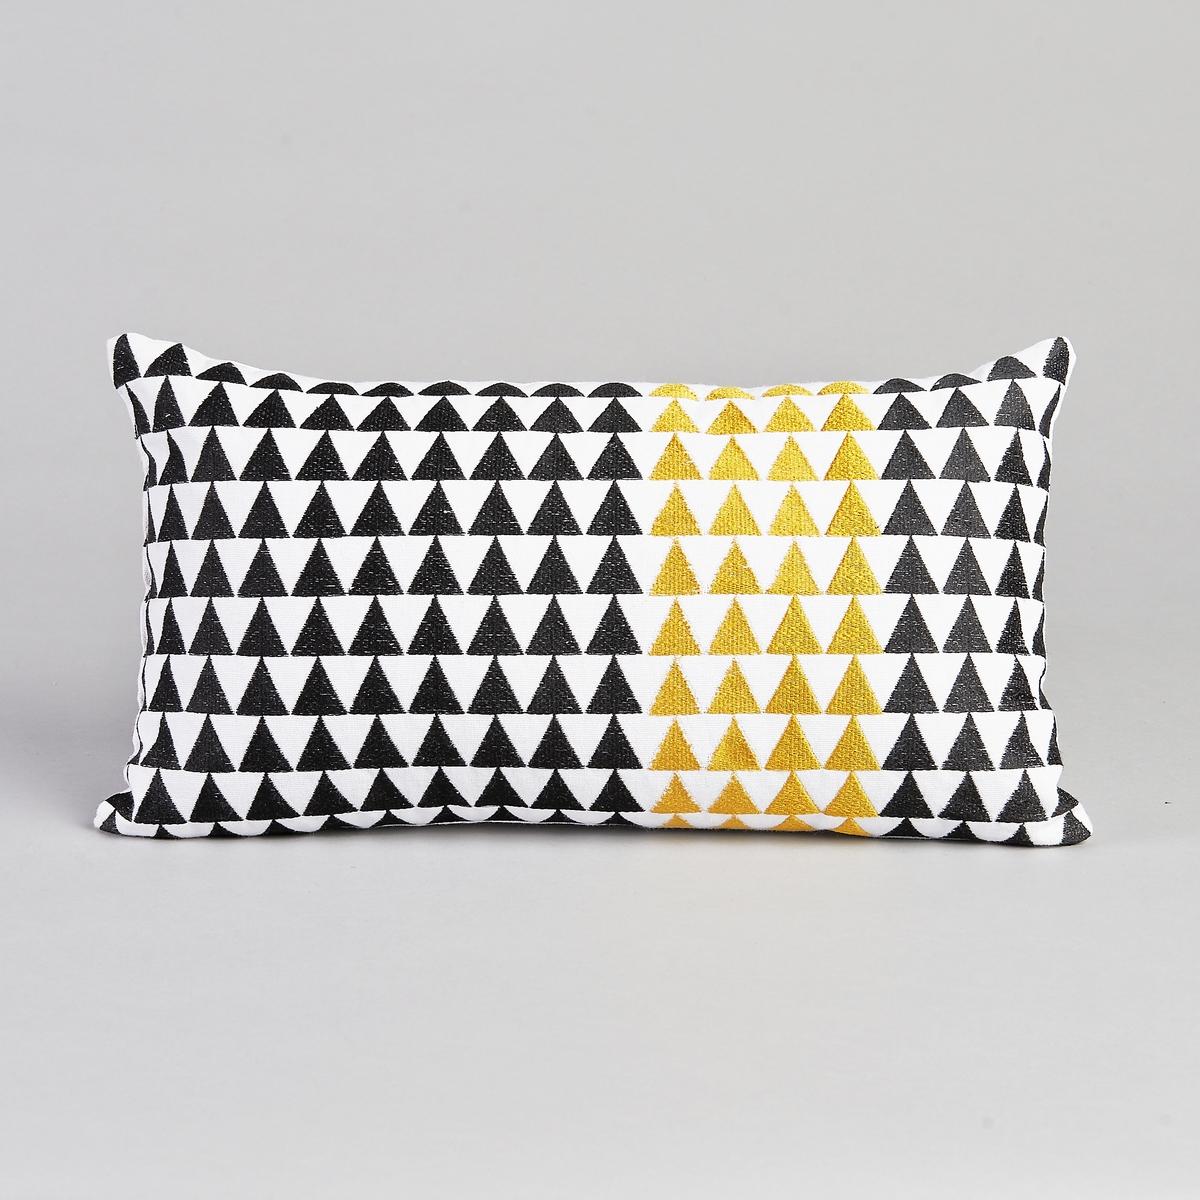 Подушка прямоугольная KainitЧерные и желтые вышитые треугольники на хлопковой ткани светло-бежевого цвета .Описание :- 100% хлопка.- Наполнитель из полиэстера.Размер :- 25 x 45 см<br><br>Цвет: белый/ черный/ желтый<br>Размер: единый размер